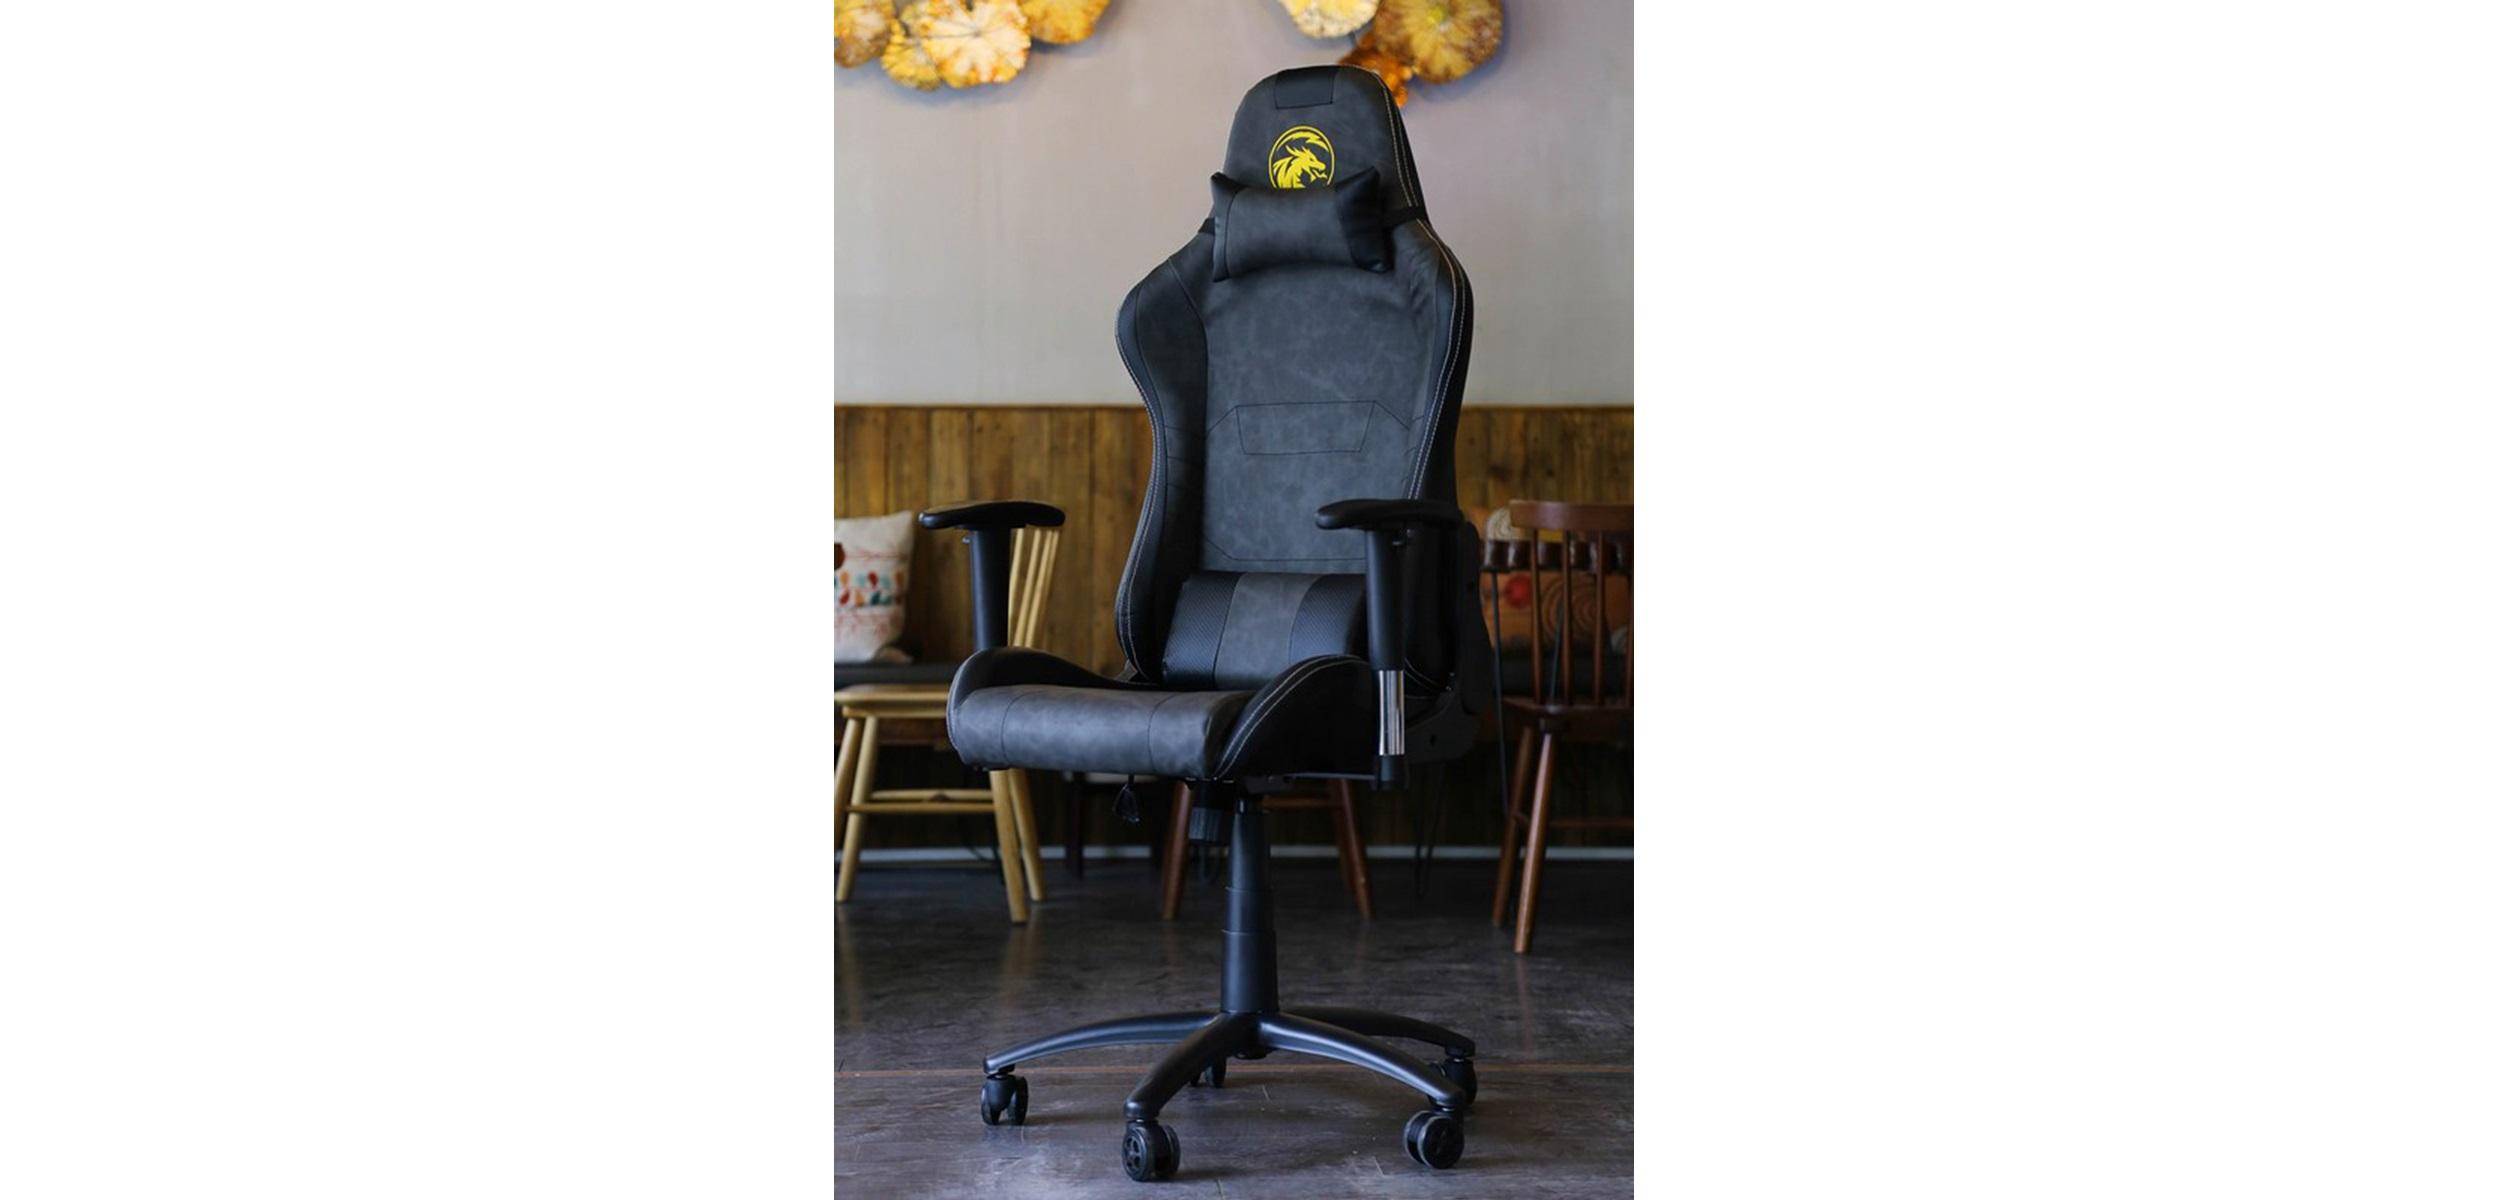 Ghế Gamer E-Dra Midtnight Gaming Chair Black/Gray (EGB025) trang bị trụ thuỷ lực class 4 với tải trọng cao